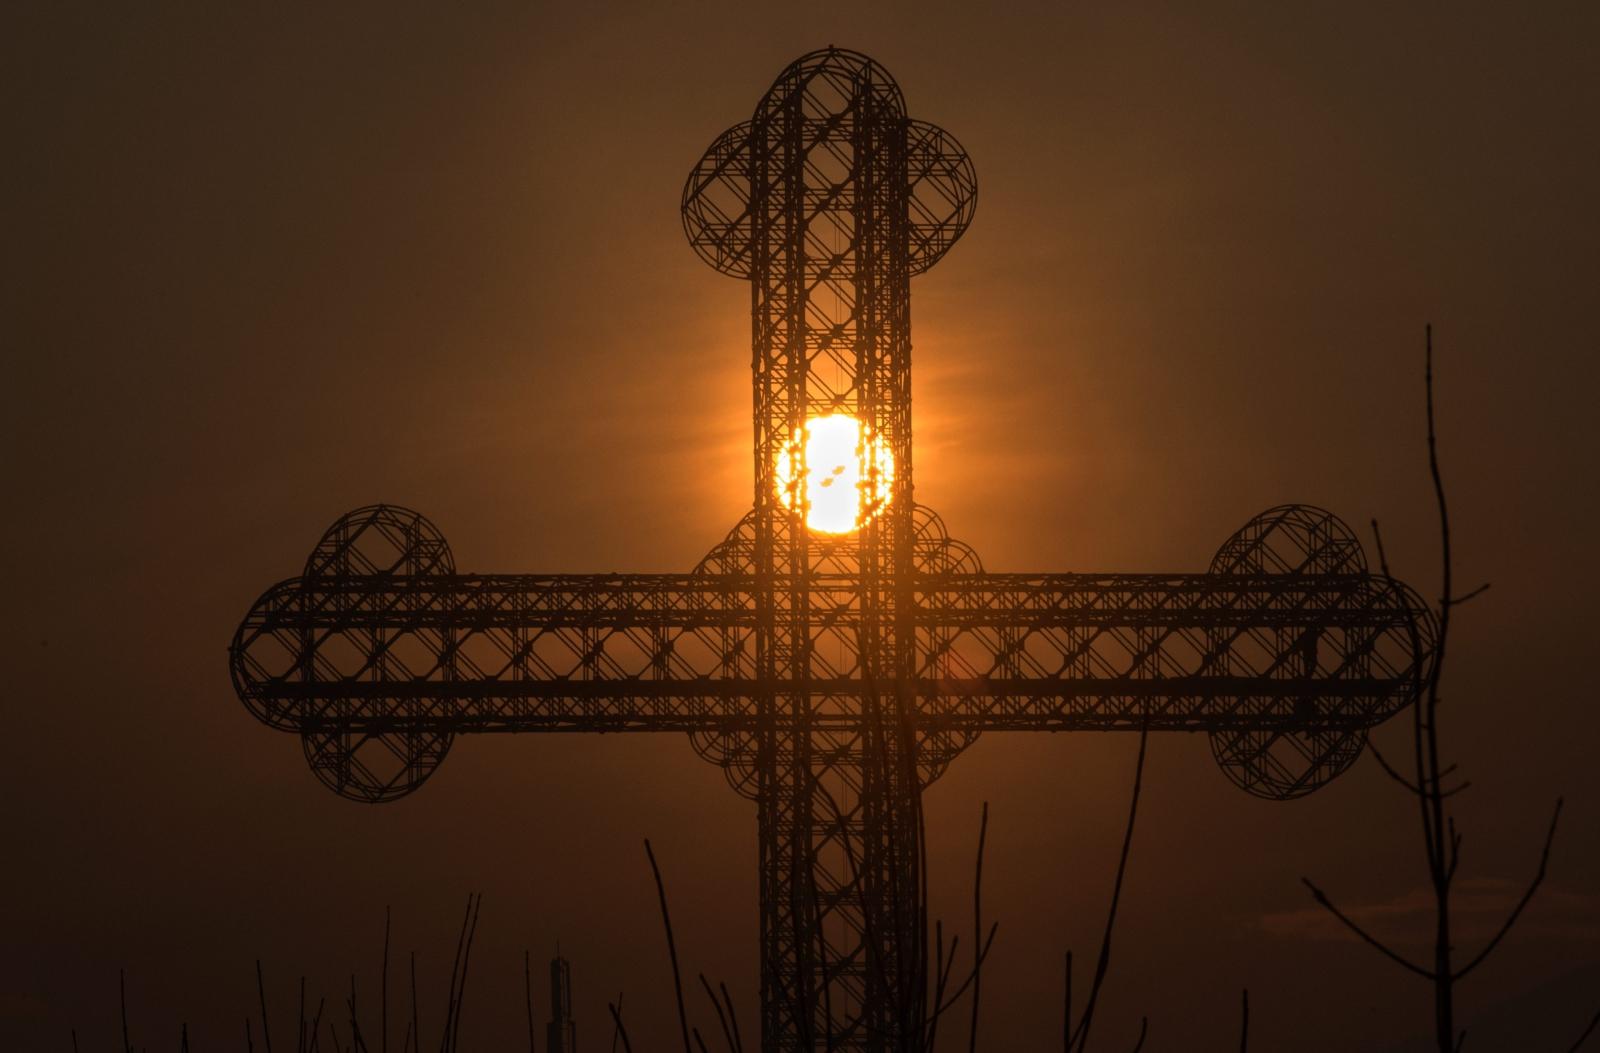 Słońce za krzyżem, Skopje, Macedonia.